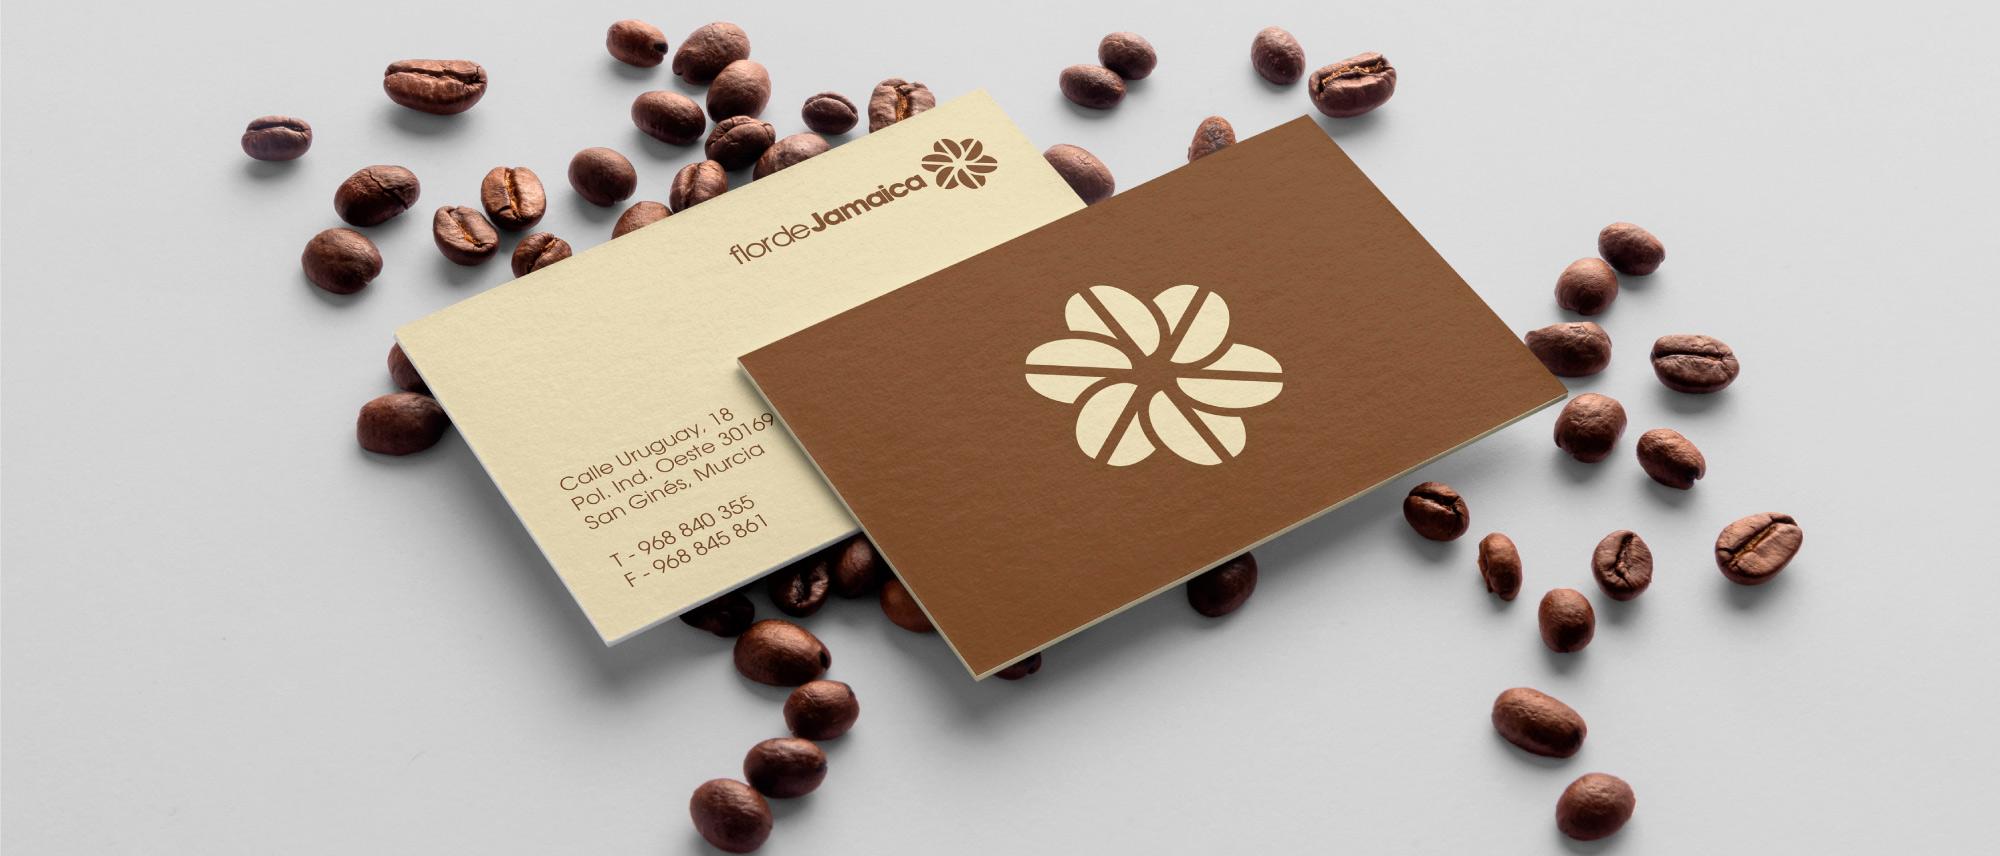 Flor-de-jamaica-branding-01